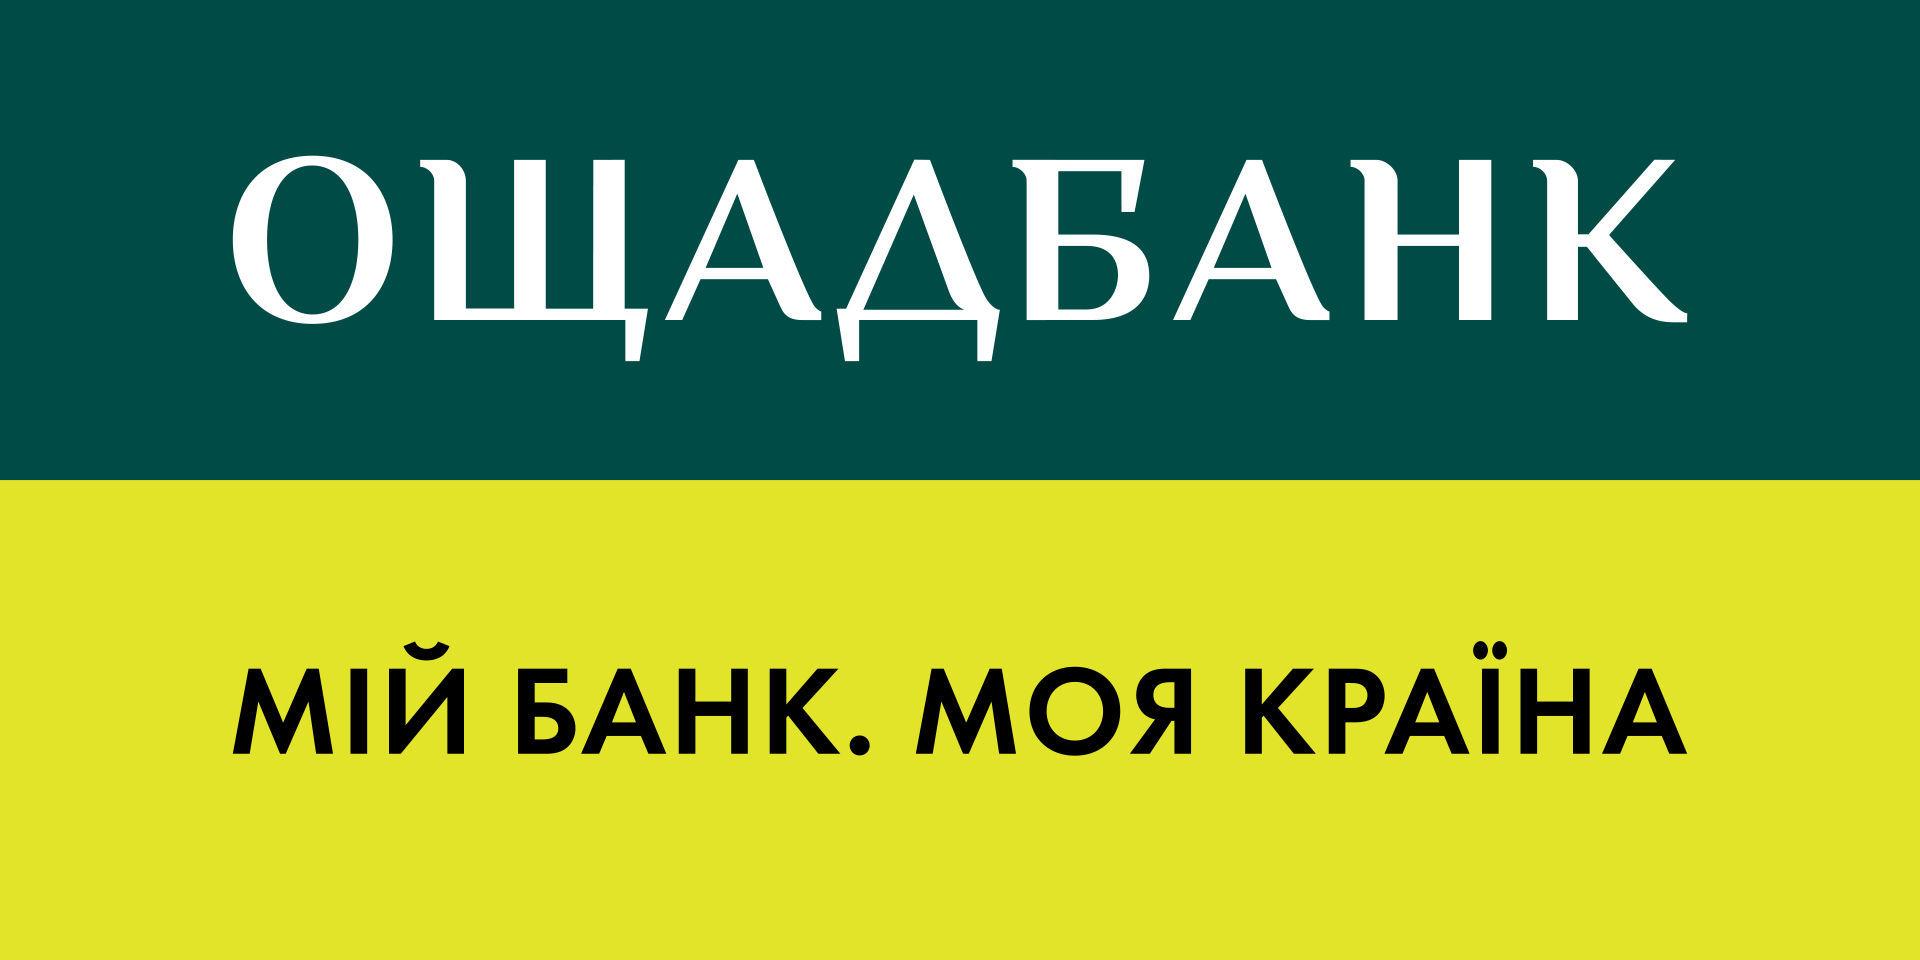 Ощадбанк Віннер на Петрівці